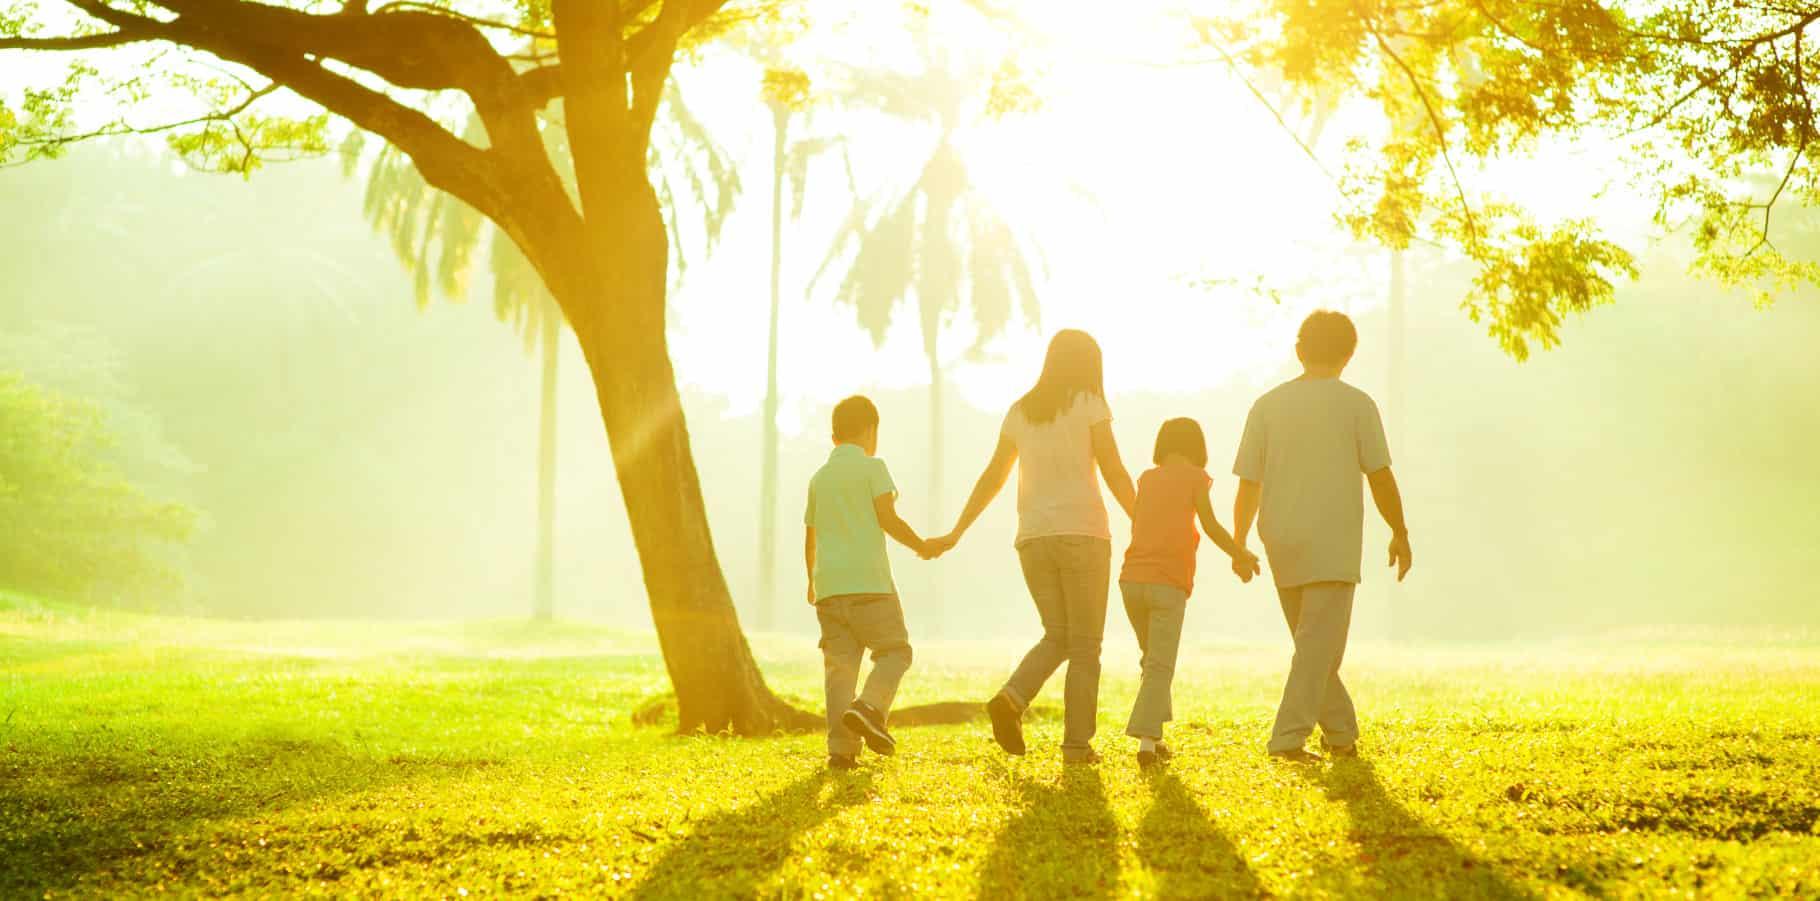 Wie man seine Freizeit mit Freunden gestalten kann